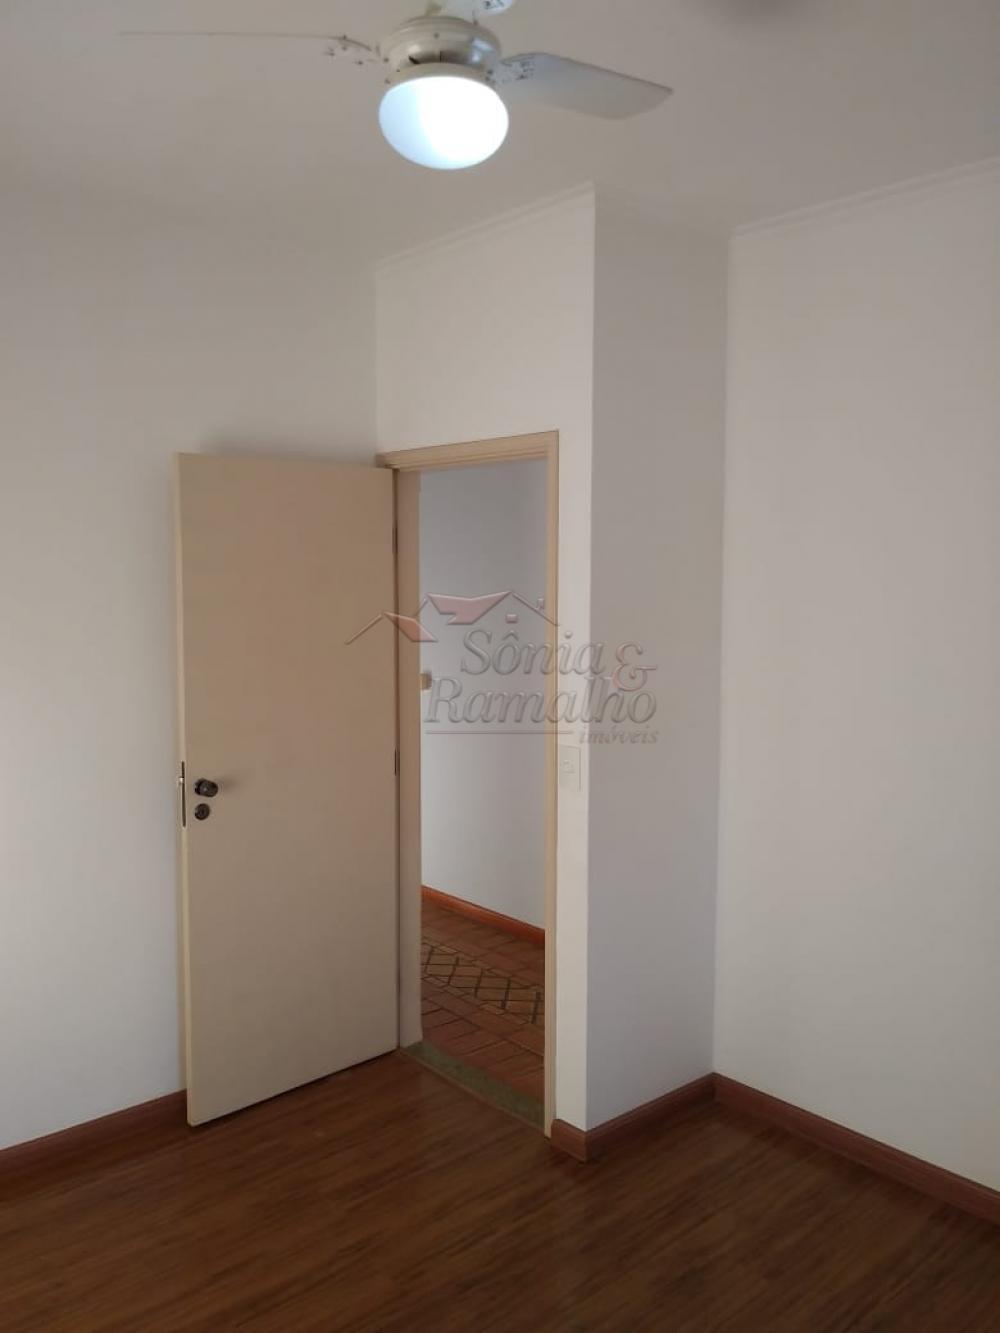 Alugar Casas / Padrão em Ribeirão Preto apenas R$ 3.600,00 - Foto 20